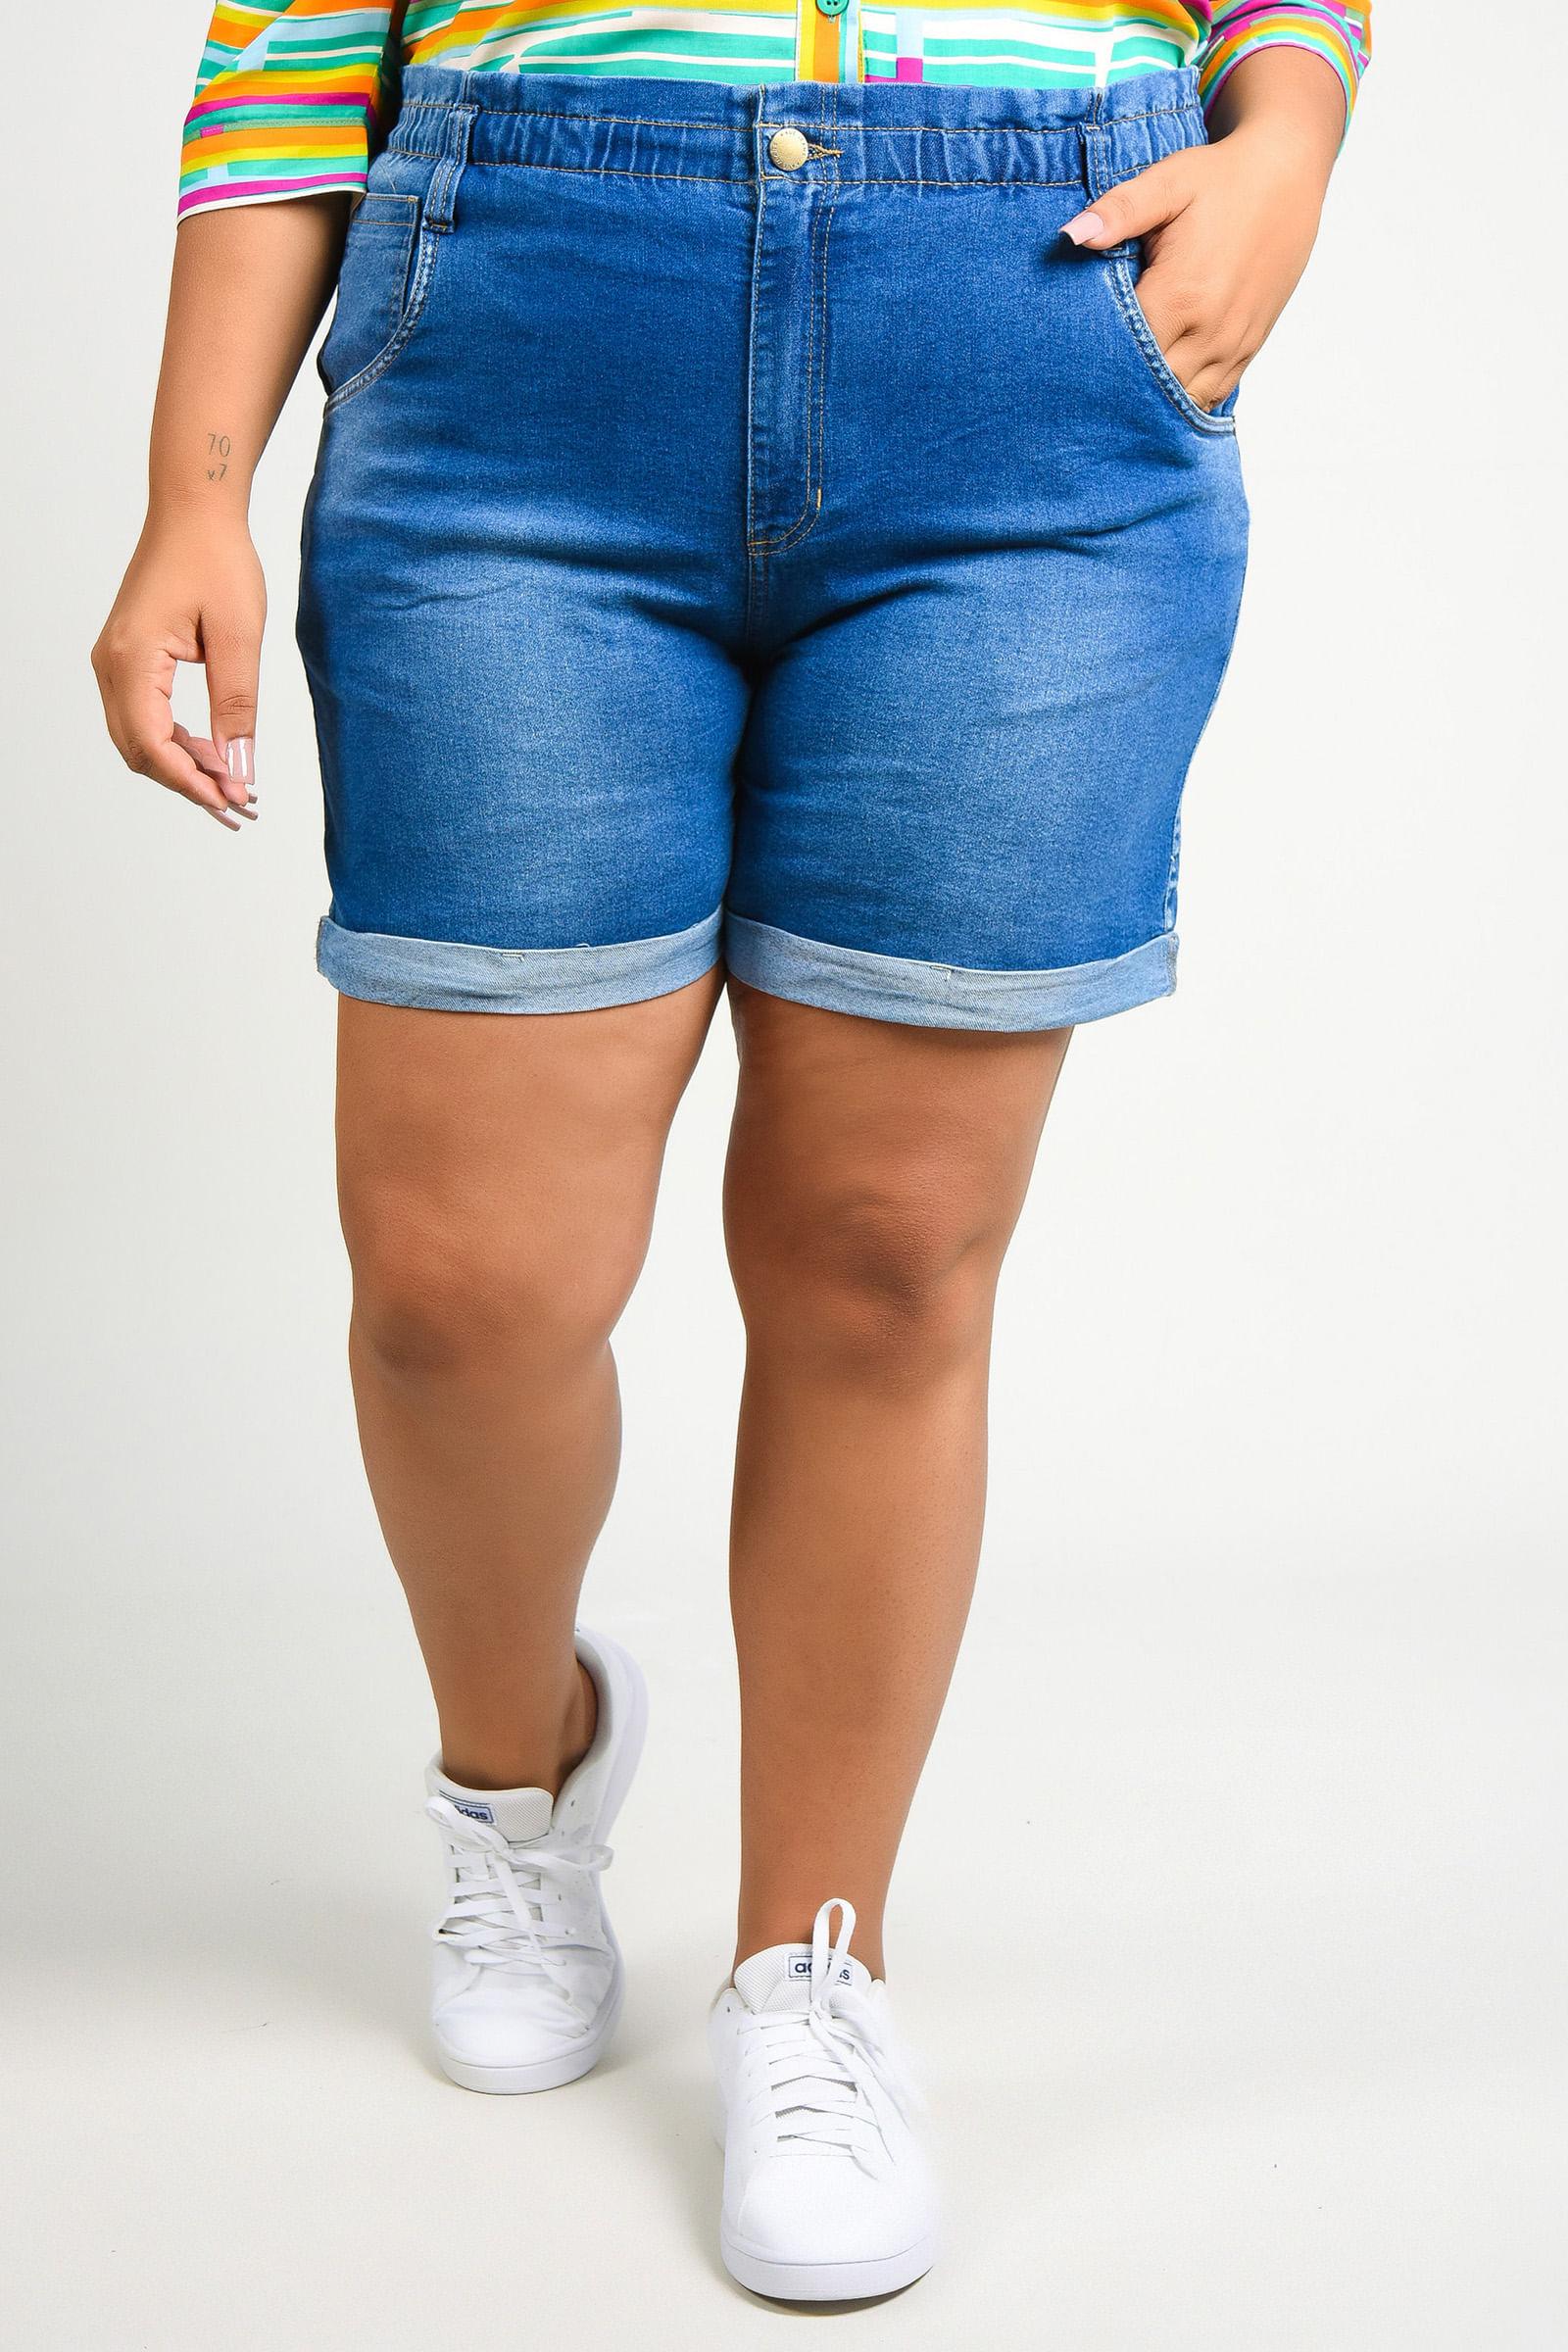 Shorts jeans com elástico no cós plus size jeans blue